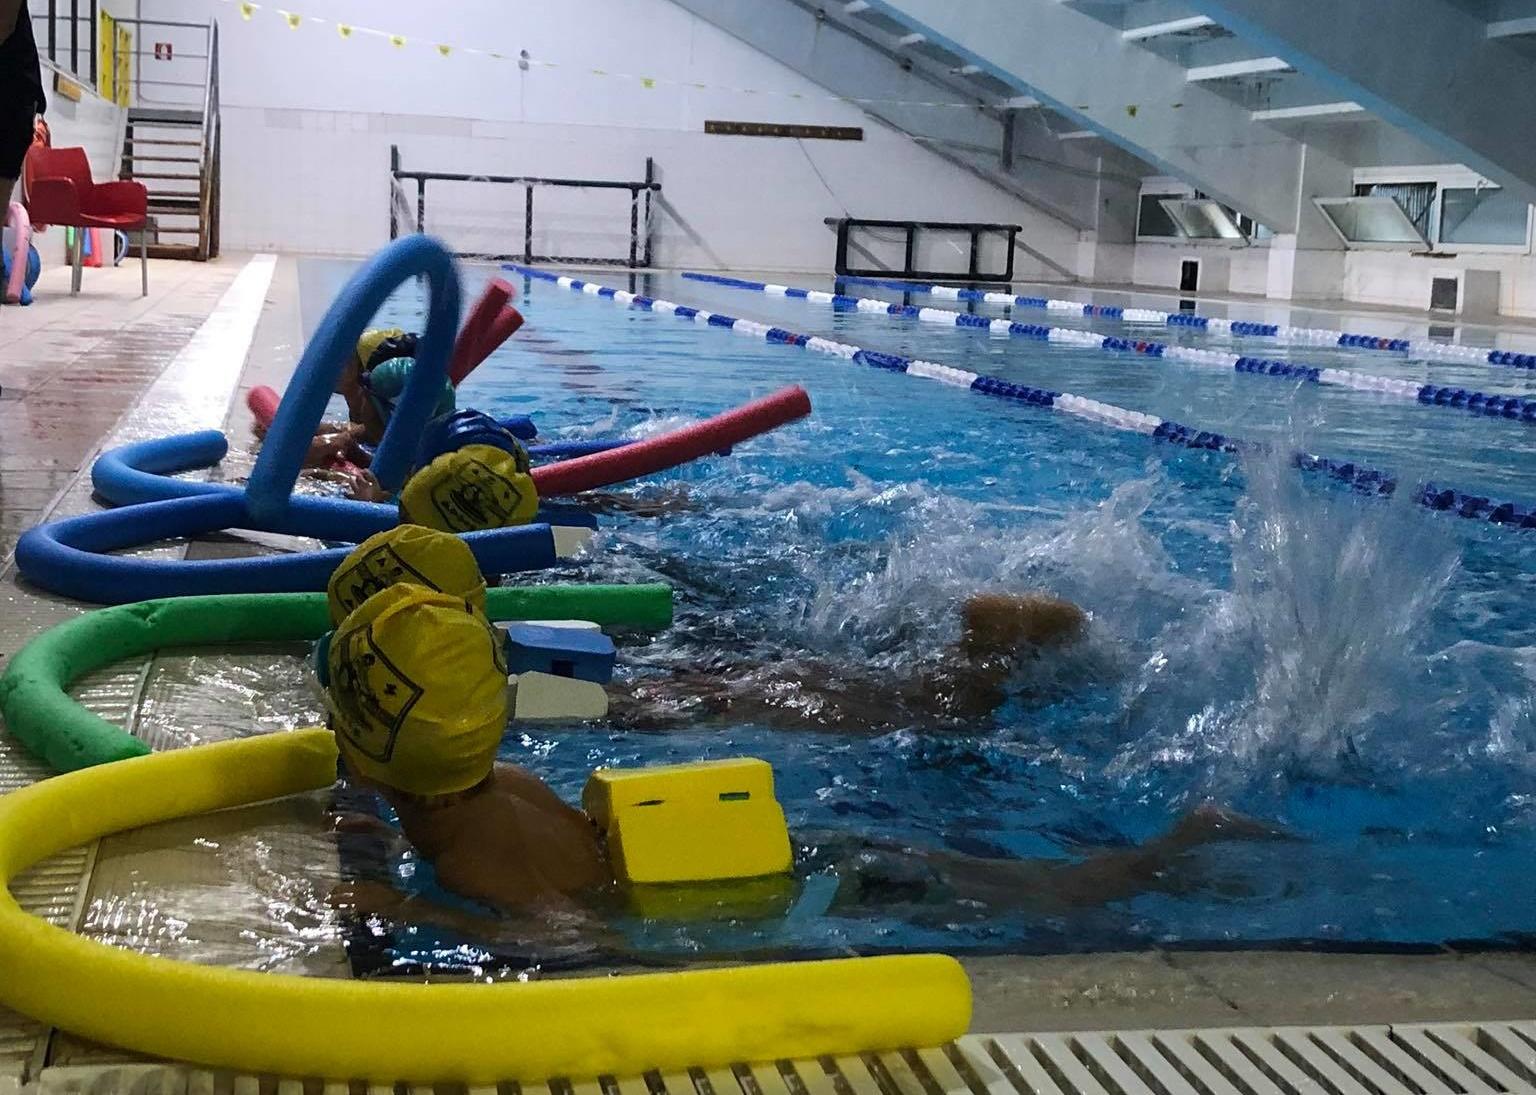 Κολύμβηση: Μάθε τα μυστικά της πισίνας στο κολυμβητήριο του ΑΡΗ (pics)